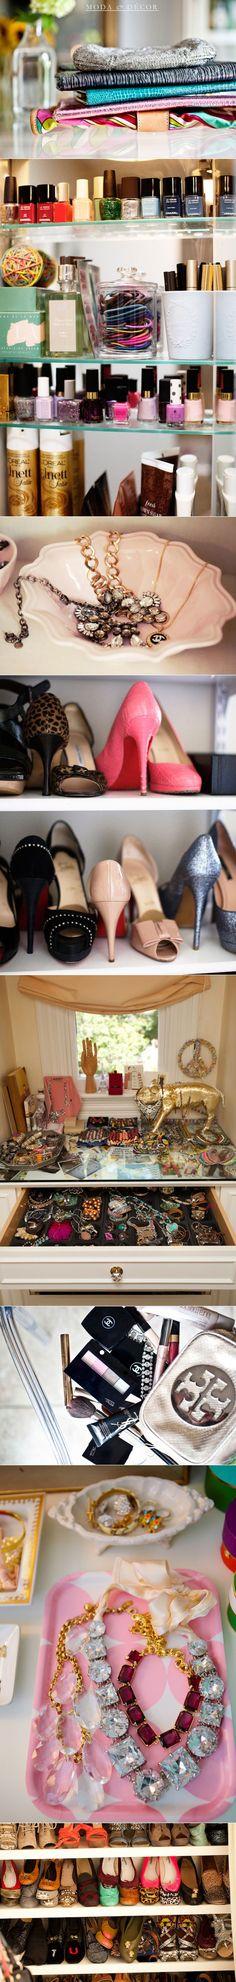 living-gazette-barbara-resende-decor-fashion-closet-wife